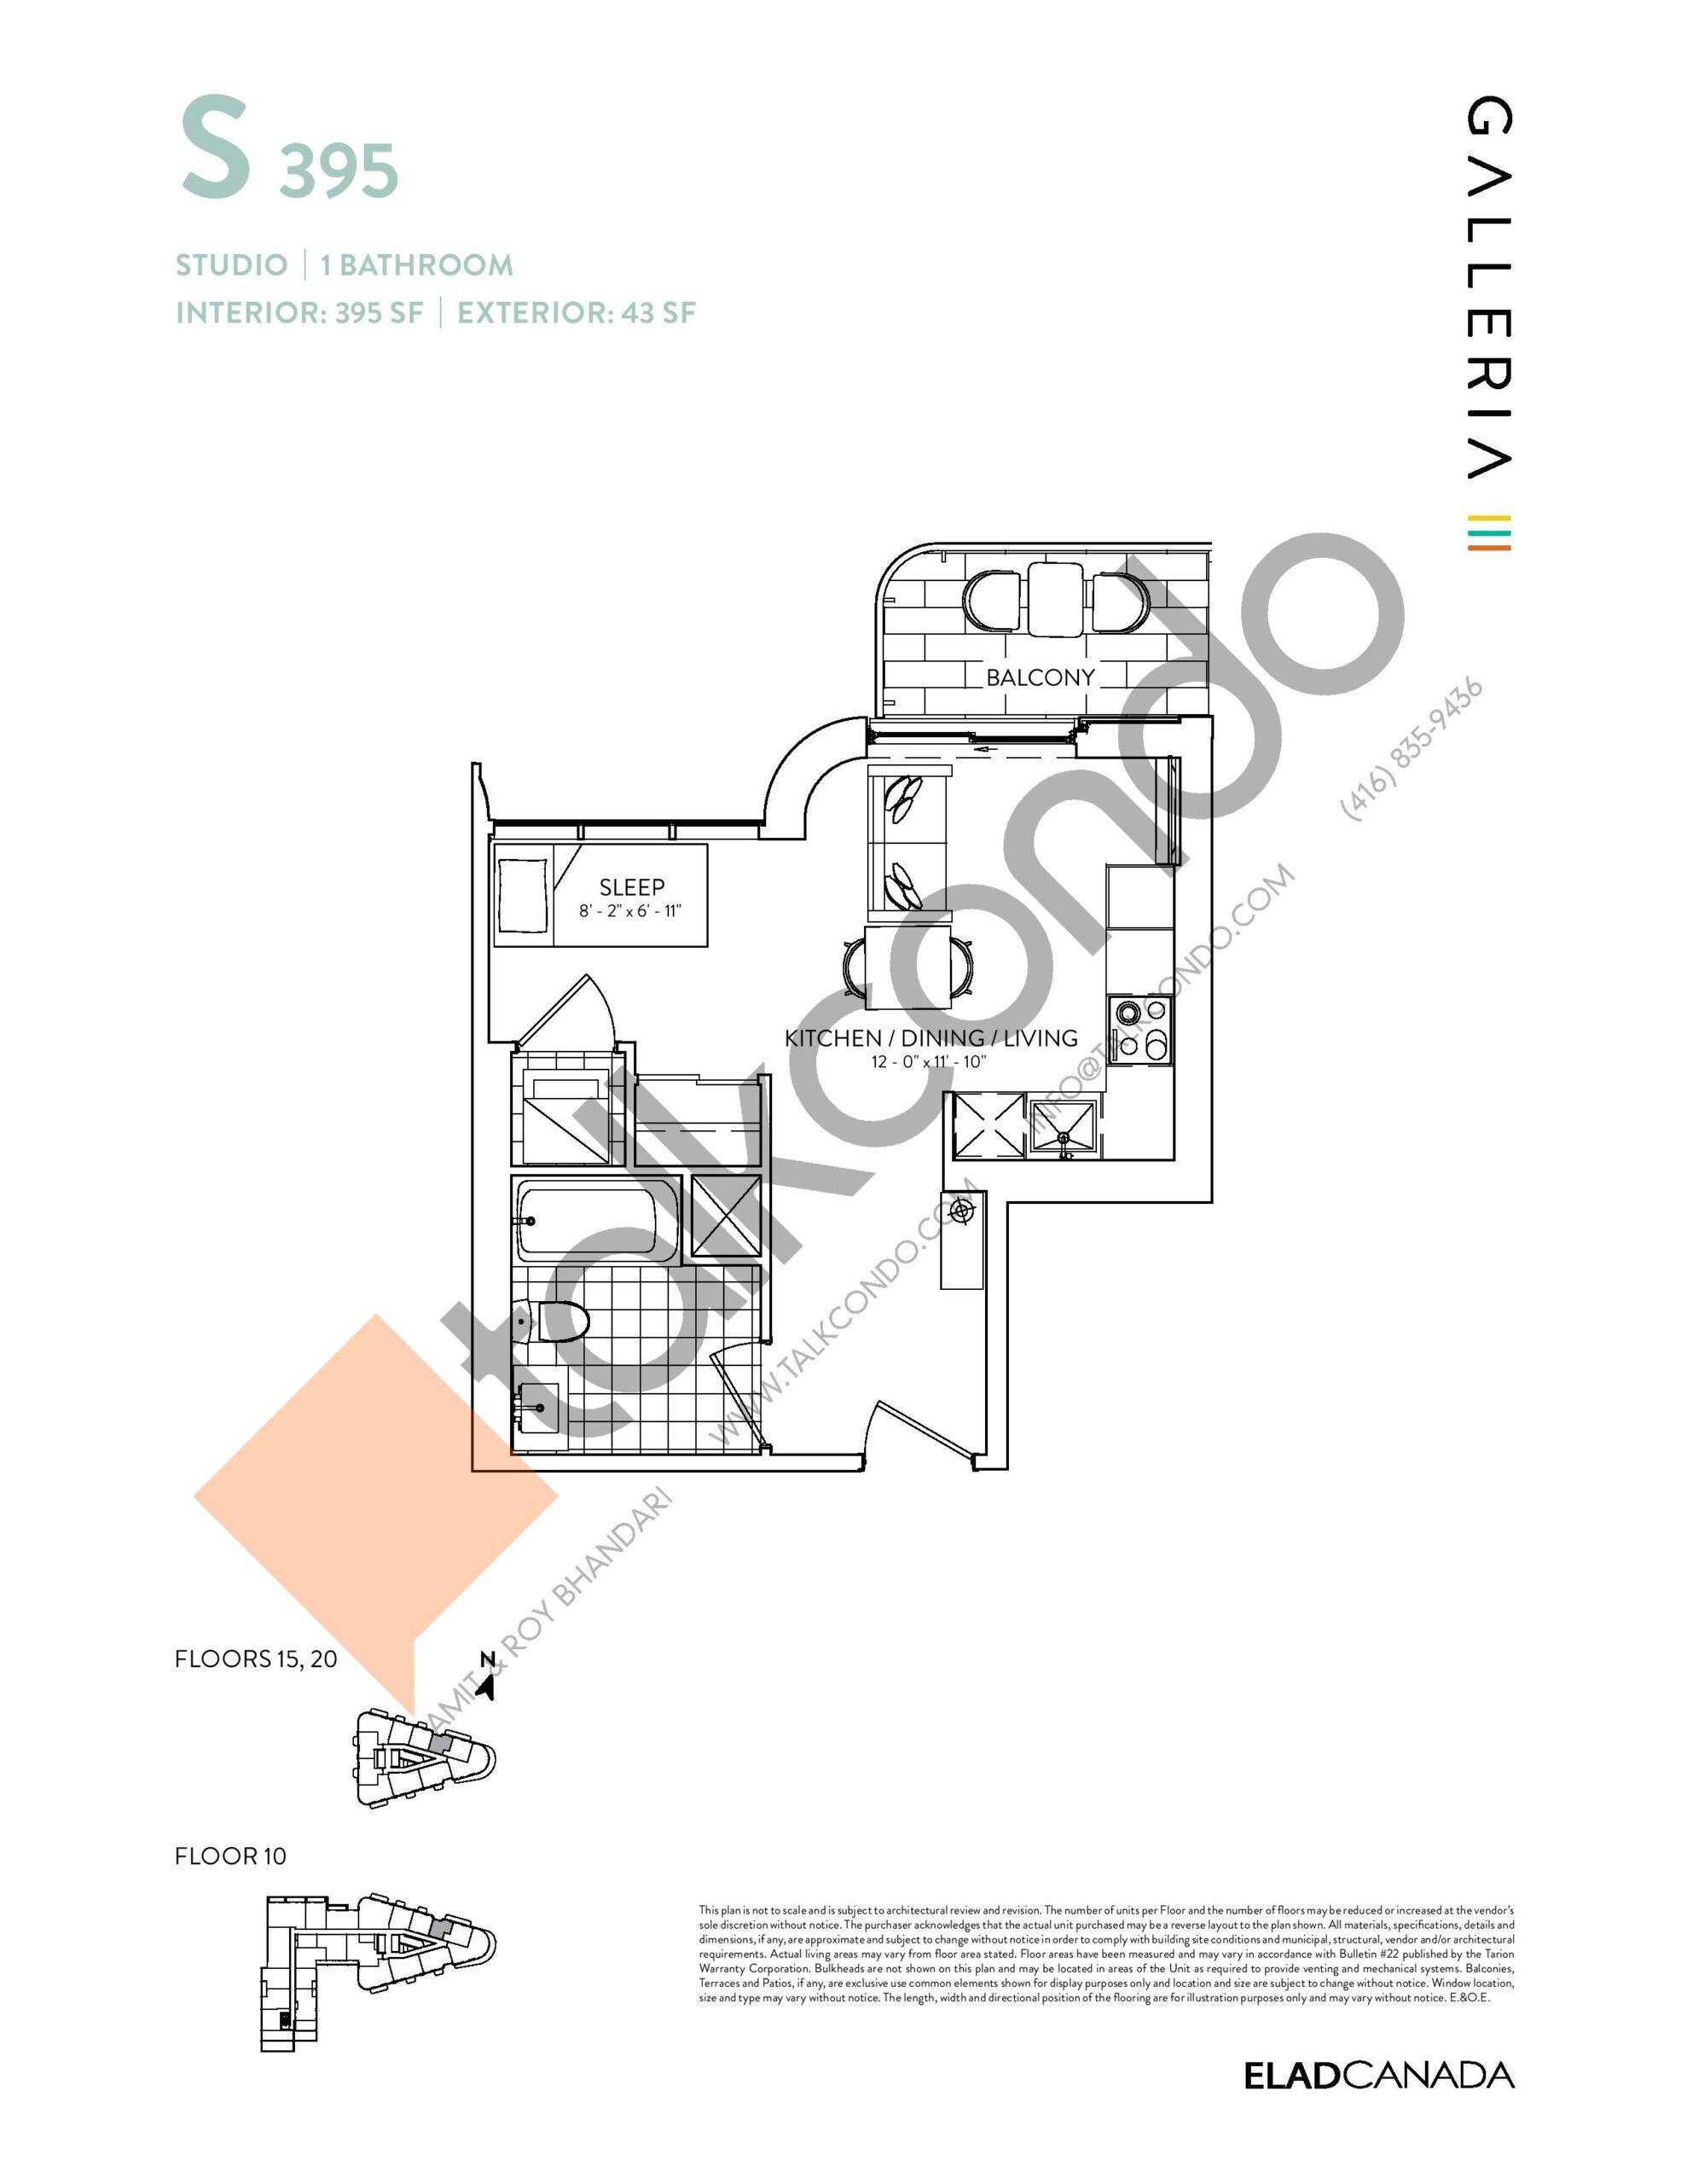 S 395 Floor Plan at Galleria 03 Condos - 395 sq.ft